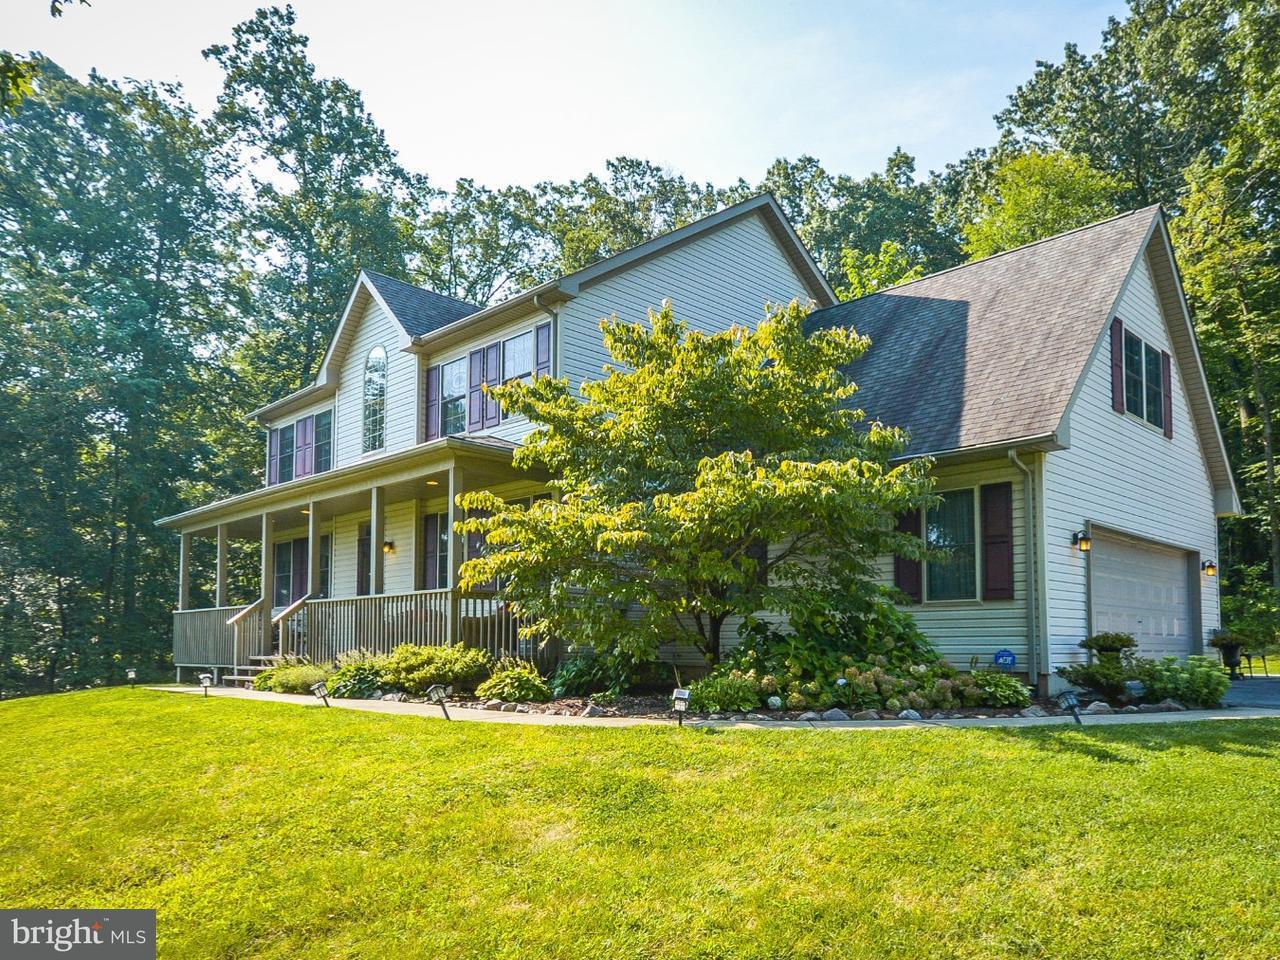 Maison unifamiliale pour l Vente à 2368 ROUTE 412 Hellertown, Pennsylvanie 18055 États-Unis